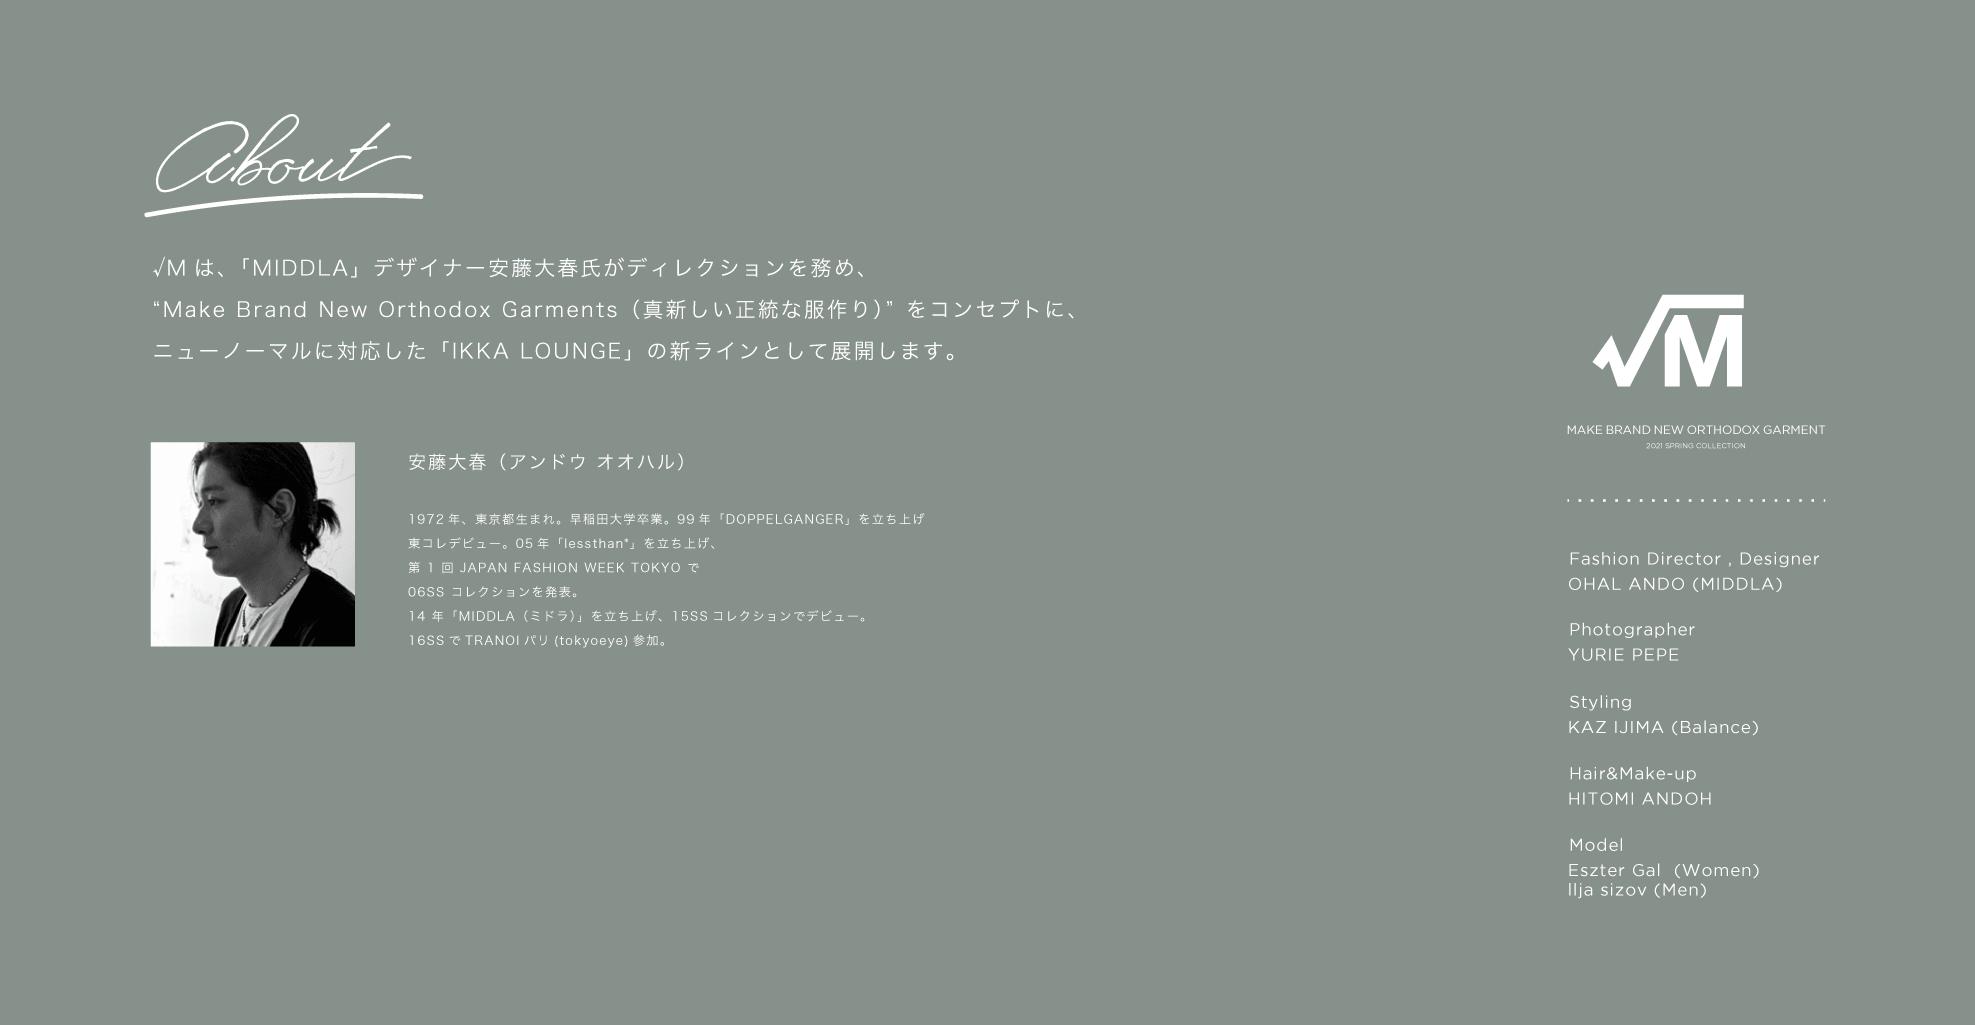 """√Mは、「MIDDLA」デザイナー安藤大春氏がディレクションを務め、""""Make Brand New Orthodox Garments(真新しい正統な服作り)""""をコンセプトに、ニューノーマルに対応した「IKKA LOUNGE」の新ラインとして展開します。"""